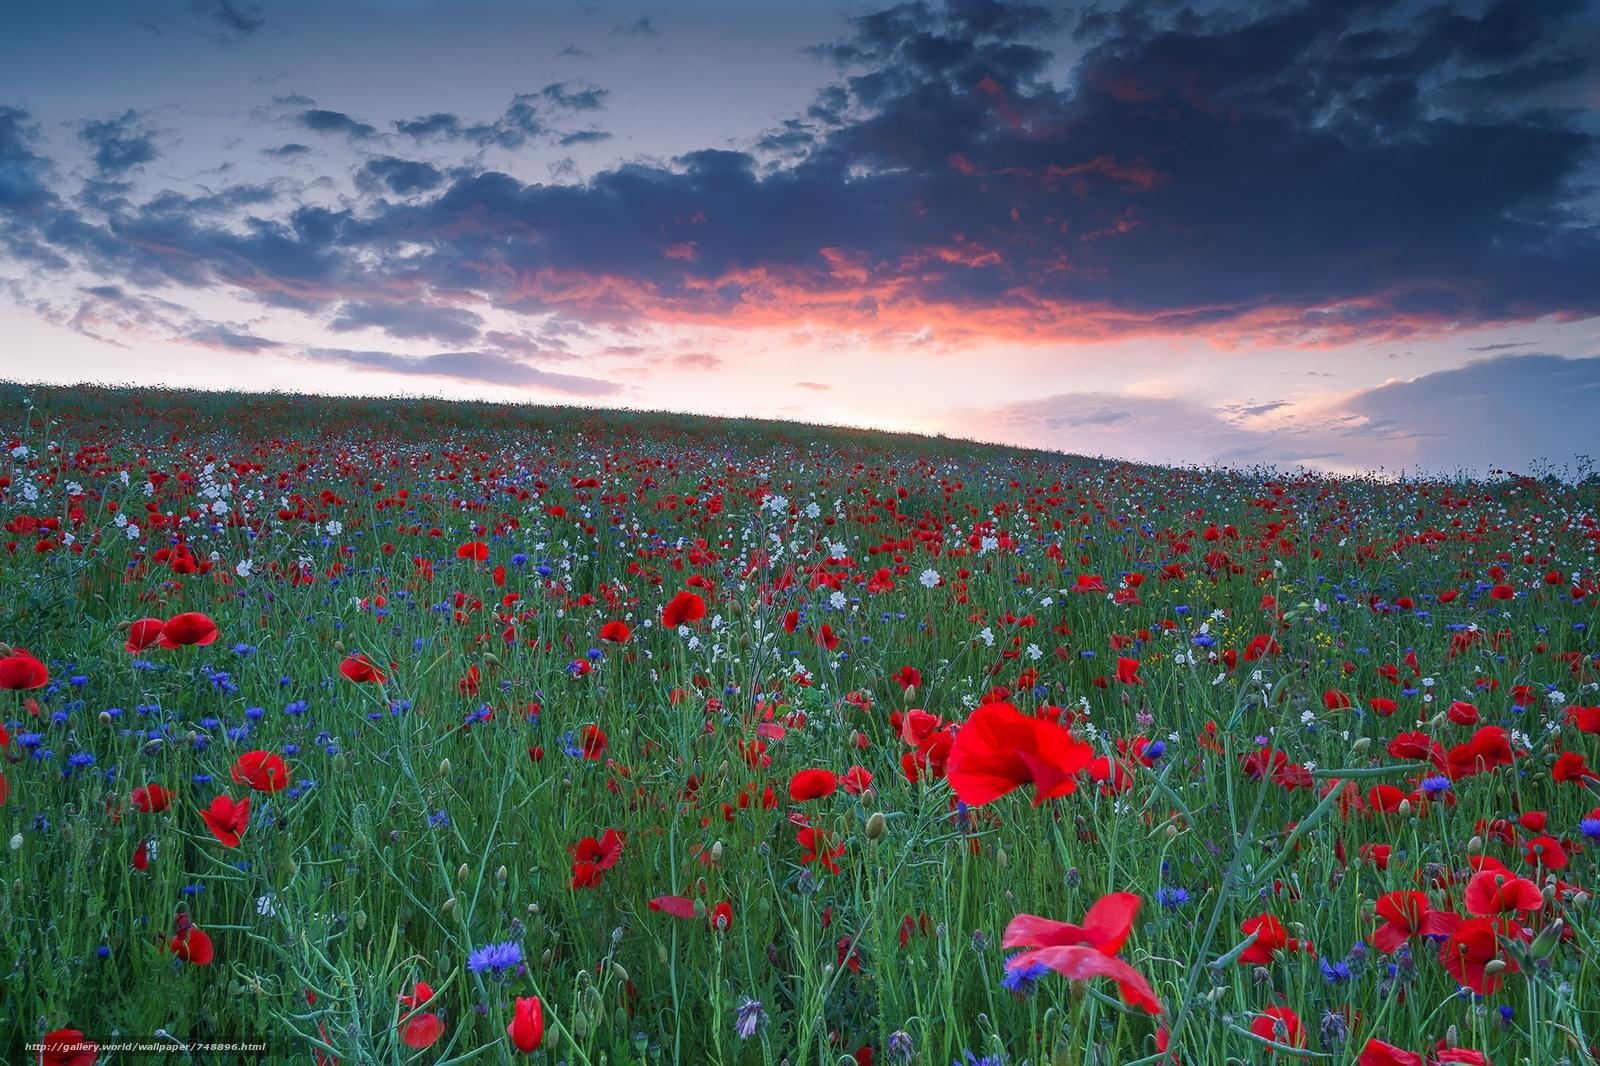 девица закате фото пейзаж поле цветы время сми